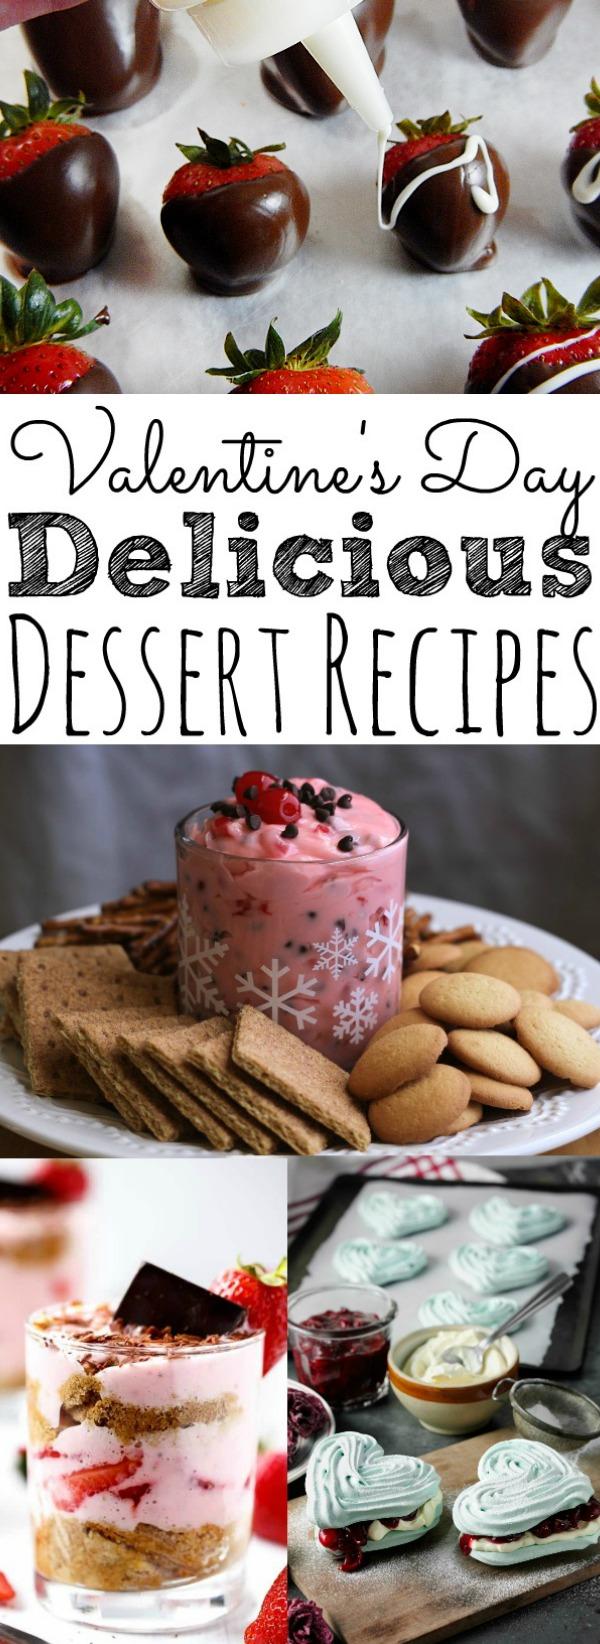 25 Valentine's Day Desserts